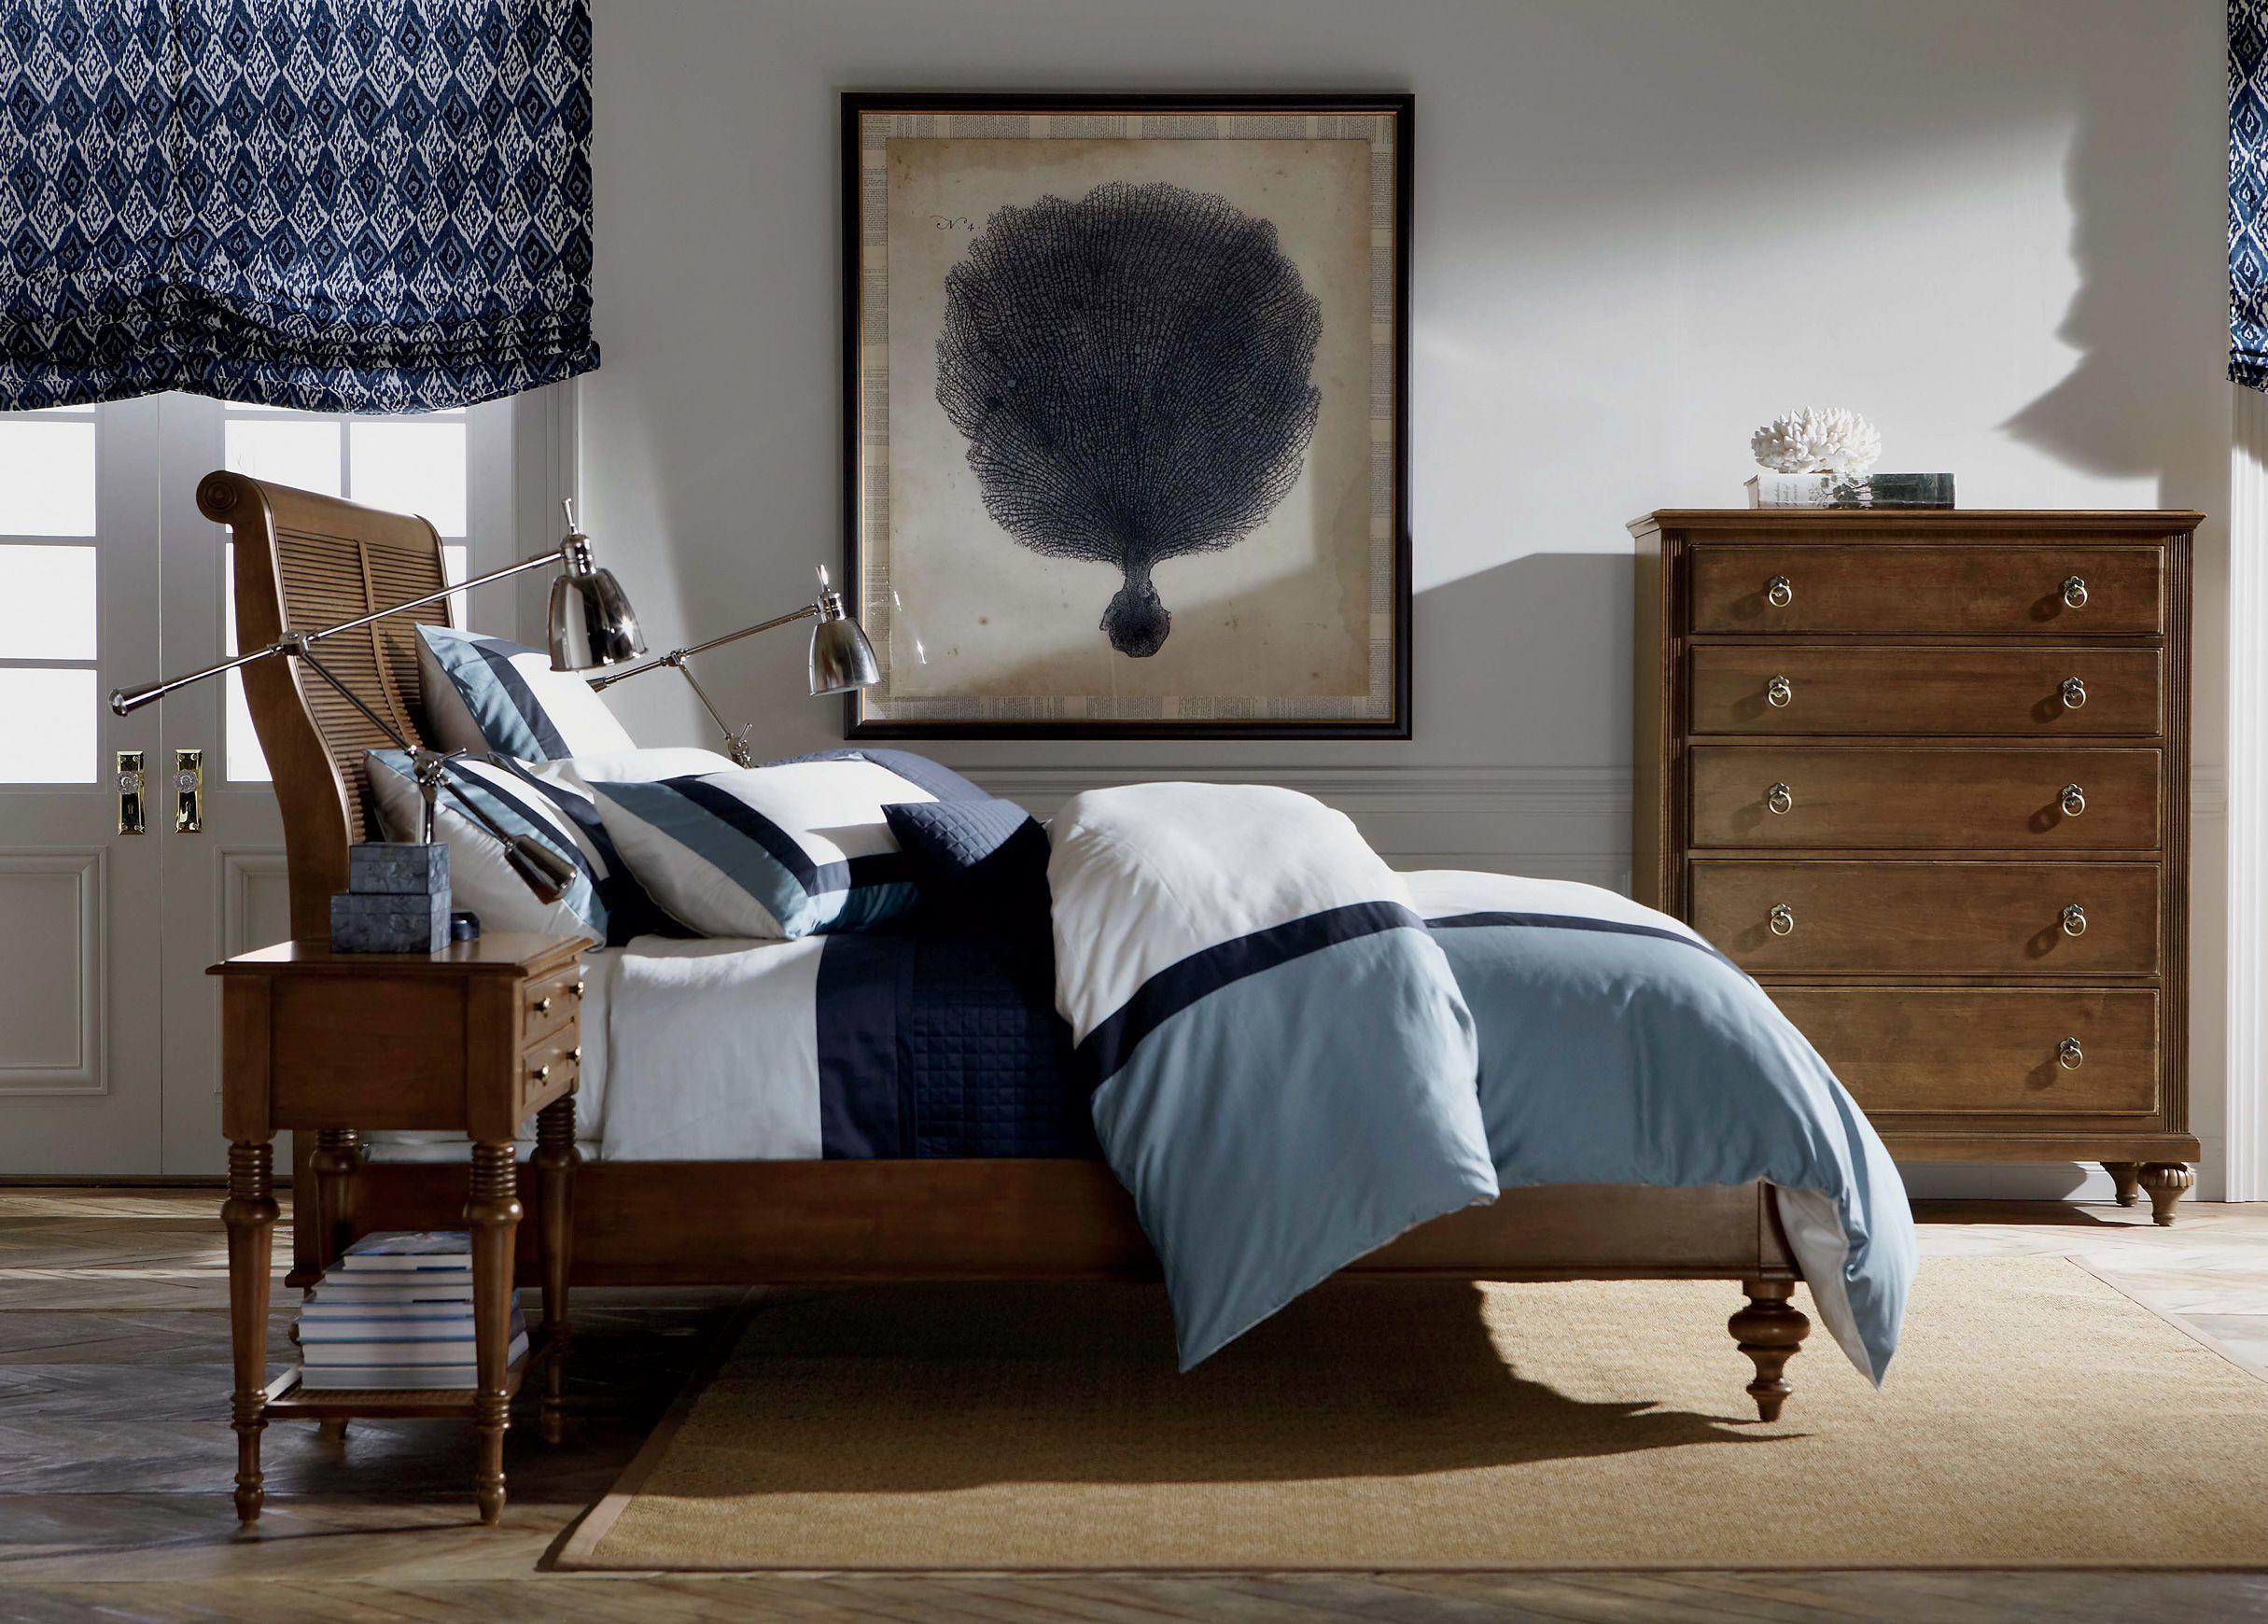 cayman bed  ethan allen sleigh beds  bedroom